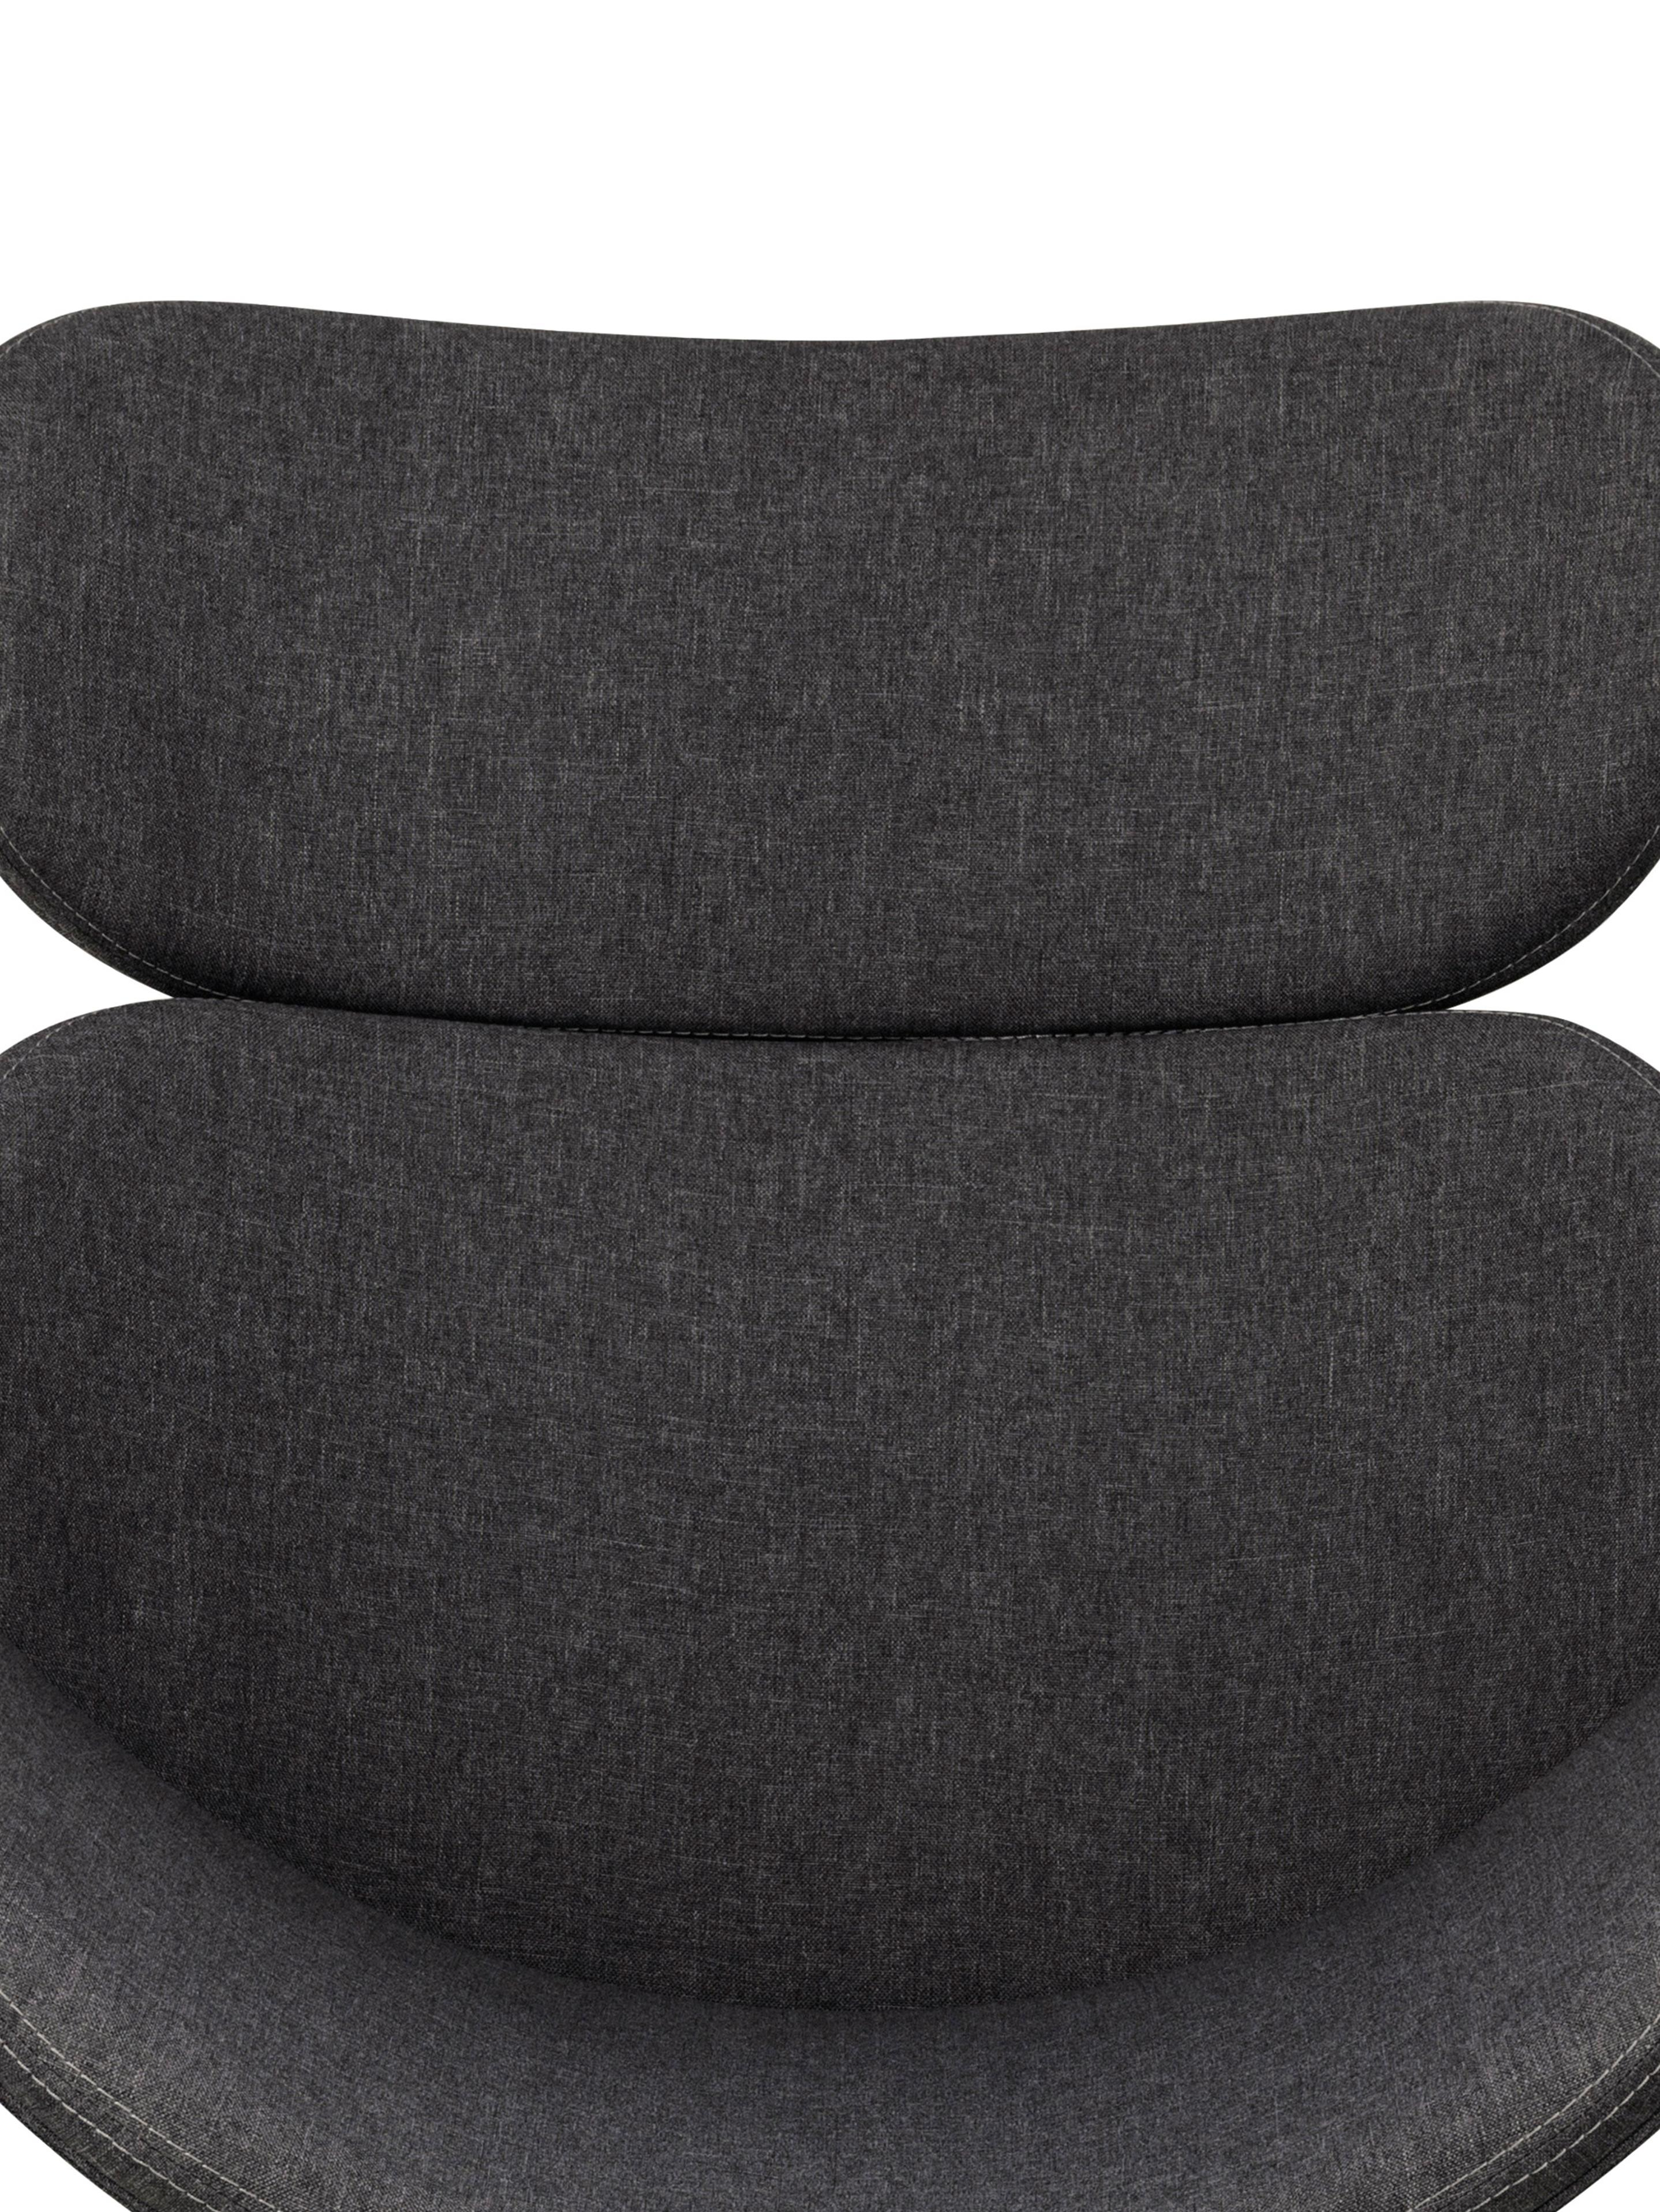 Moderner Loungesessel Cazar in Dunkelgrau, Bezug: Polyester, Gestell: Metall, pulverbeschichtet, Webstoff Dunkelgrau, B 69 x T 79 cm